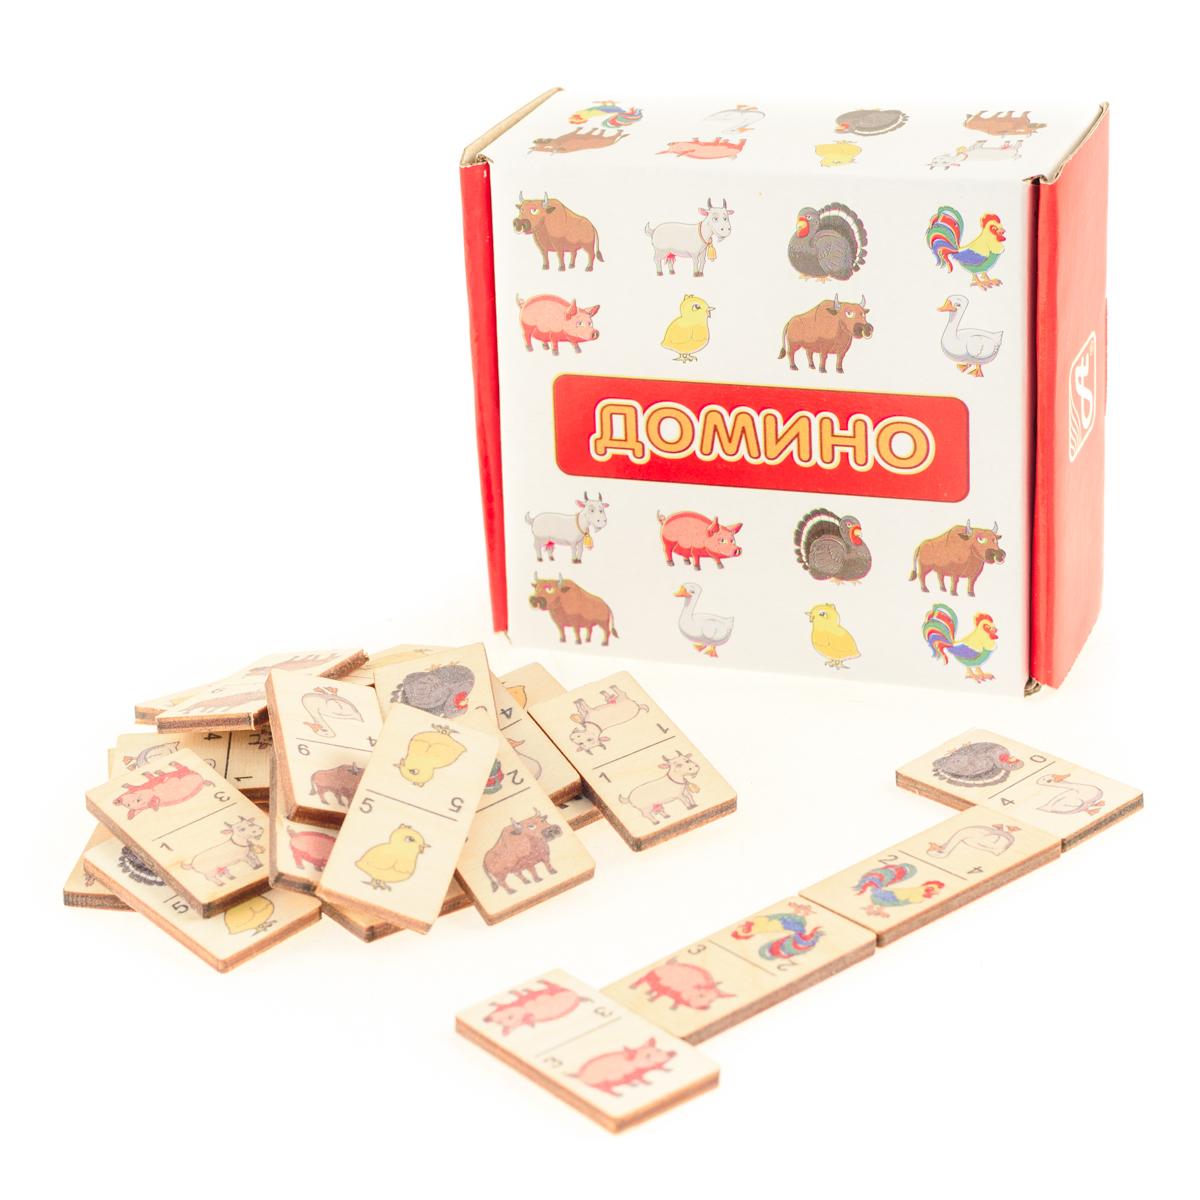 Развивающие деревянные игрушки Домино ФермаД431аДомино для детей — игрушка, необходимая каждому ребёнку. Играя, малыш развивает целый спектр навыков: моторику, логику, воображение, а также изучает окружающий мир, счёт, арифметику и цвета. Рисунки на каждой фишке — яркие и понятные. В домино можно играть не только дома, но и эффективно использовать для занятий в детском саду. ВНИМАНИЕ! Детали игрушки выполнены из натурального дерева (деревоматериала) без покрытия лаками или другими химическими составами. Перед использованием удалите остатки древесины и древесную пыль, тщательно протерев детали игрушки мягкой тканью!